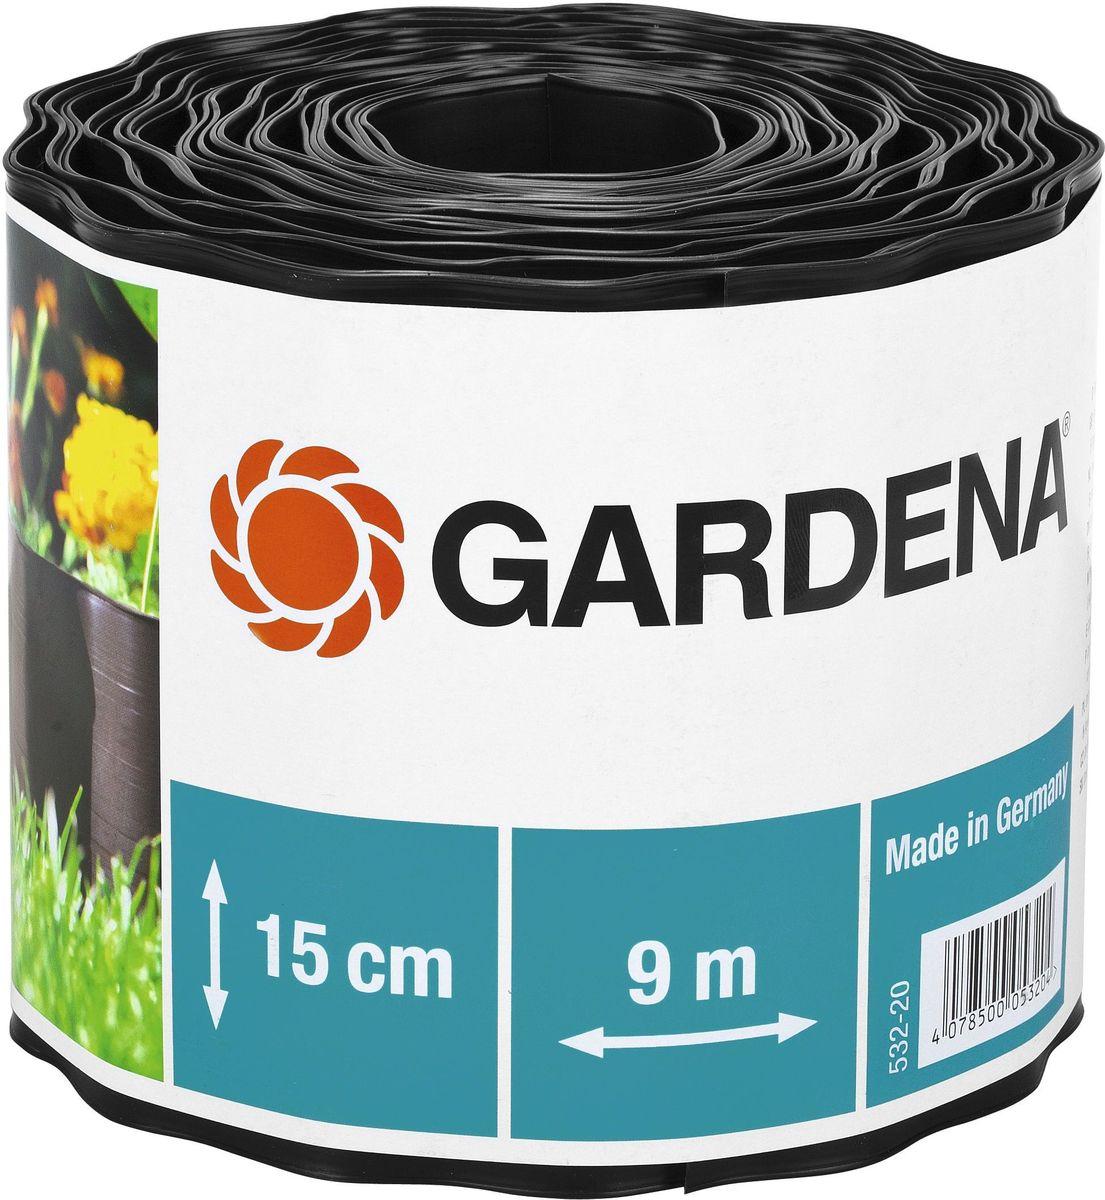 Бордюр декоративный Gardena, цвет: черный, ширина 15 см, длина 9 м00532-20.000.00Декоративный бордюр Gardena, выполненный из высококачественного пластика, обеспечивает чистоту краев газона. Изделие позволяет добиться порядка на участке, предотвращая распространение корней и чрезмерный рост растительности, отделяя при этом газон от грядок. В рулоне 9 м бордюра высотой 15 см.